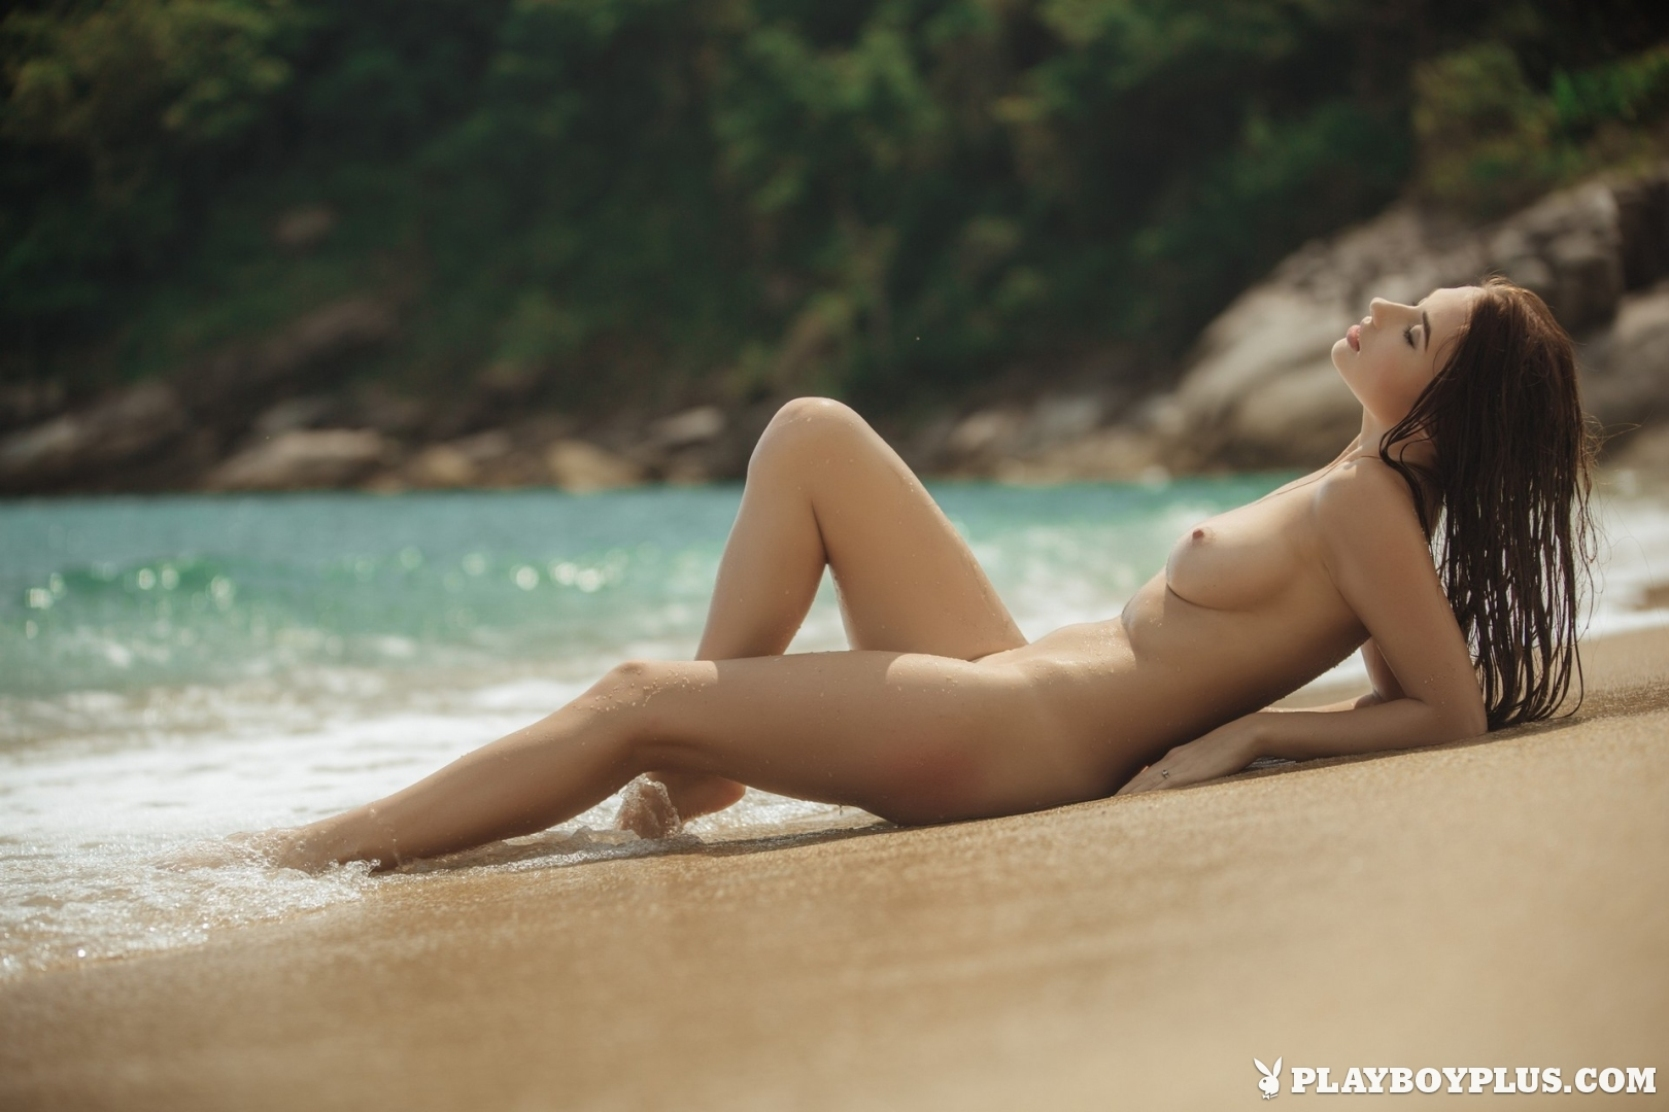 Playboy Plus | Niemira in Kicking up Sand 19